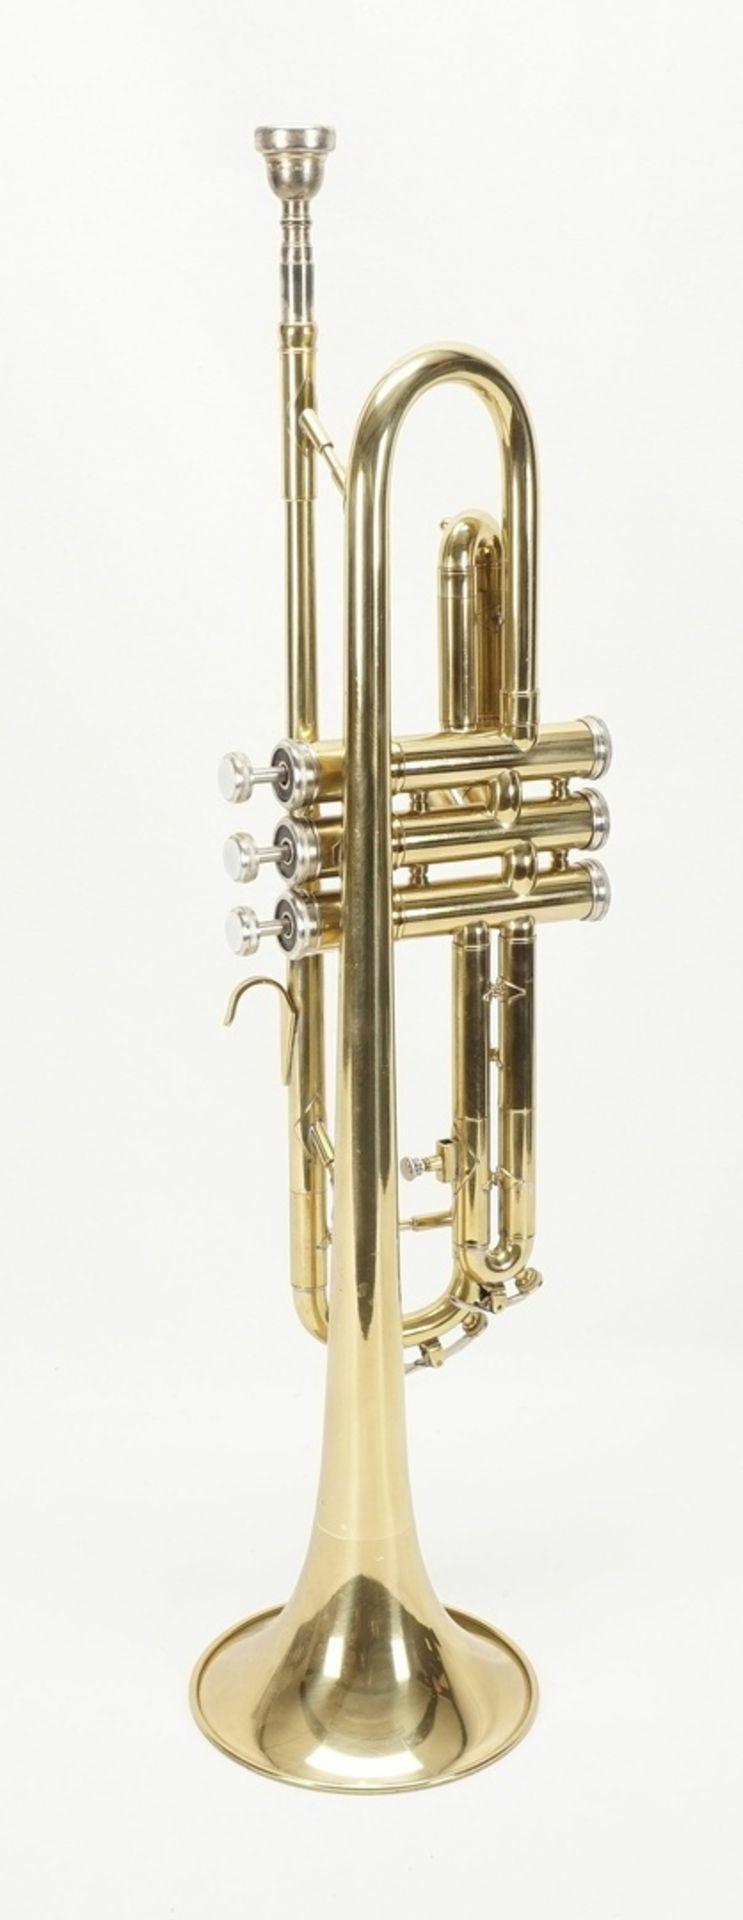 Trompete, 2. Hälfte 20. Jh. - Bild 2 aus 4